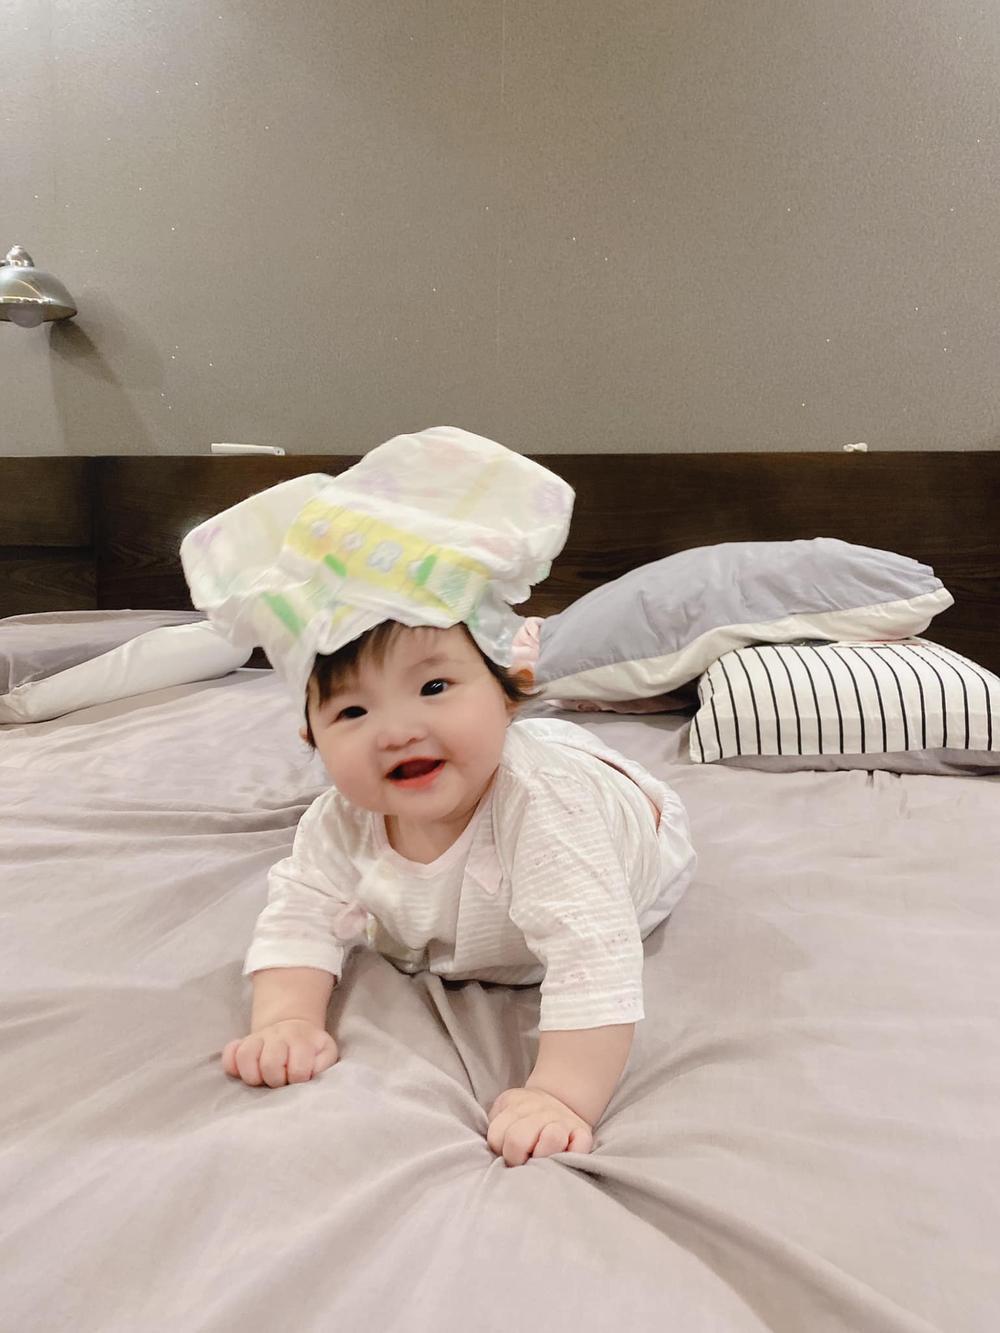 Con gái Đông Nhi càng lớn càng xinh, lấy hết gen đẹp tự nhiên từ bố mẹ Ảnh 5